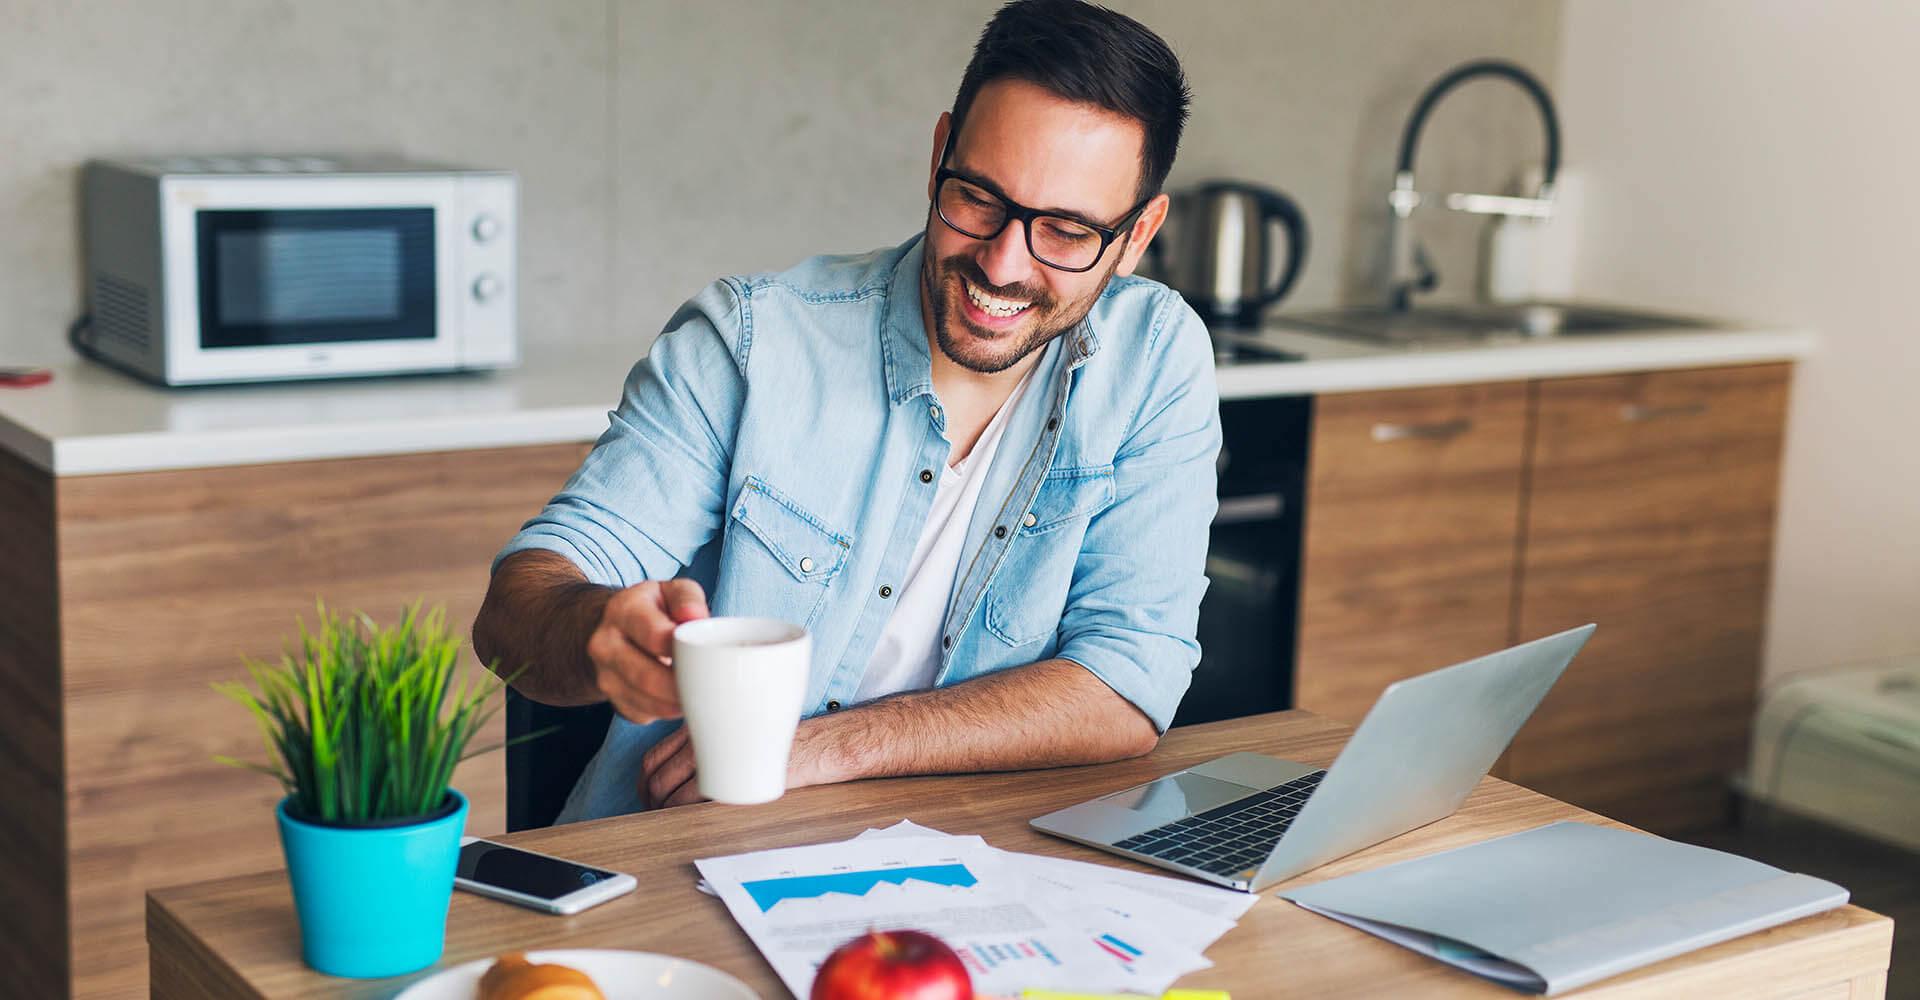 Mann sitzt am Tisch mit Kaffee in der Hand und arbeitet per Home Office